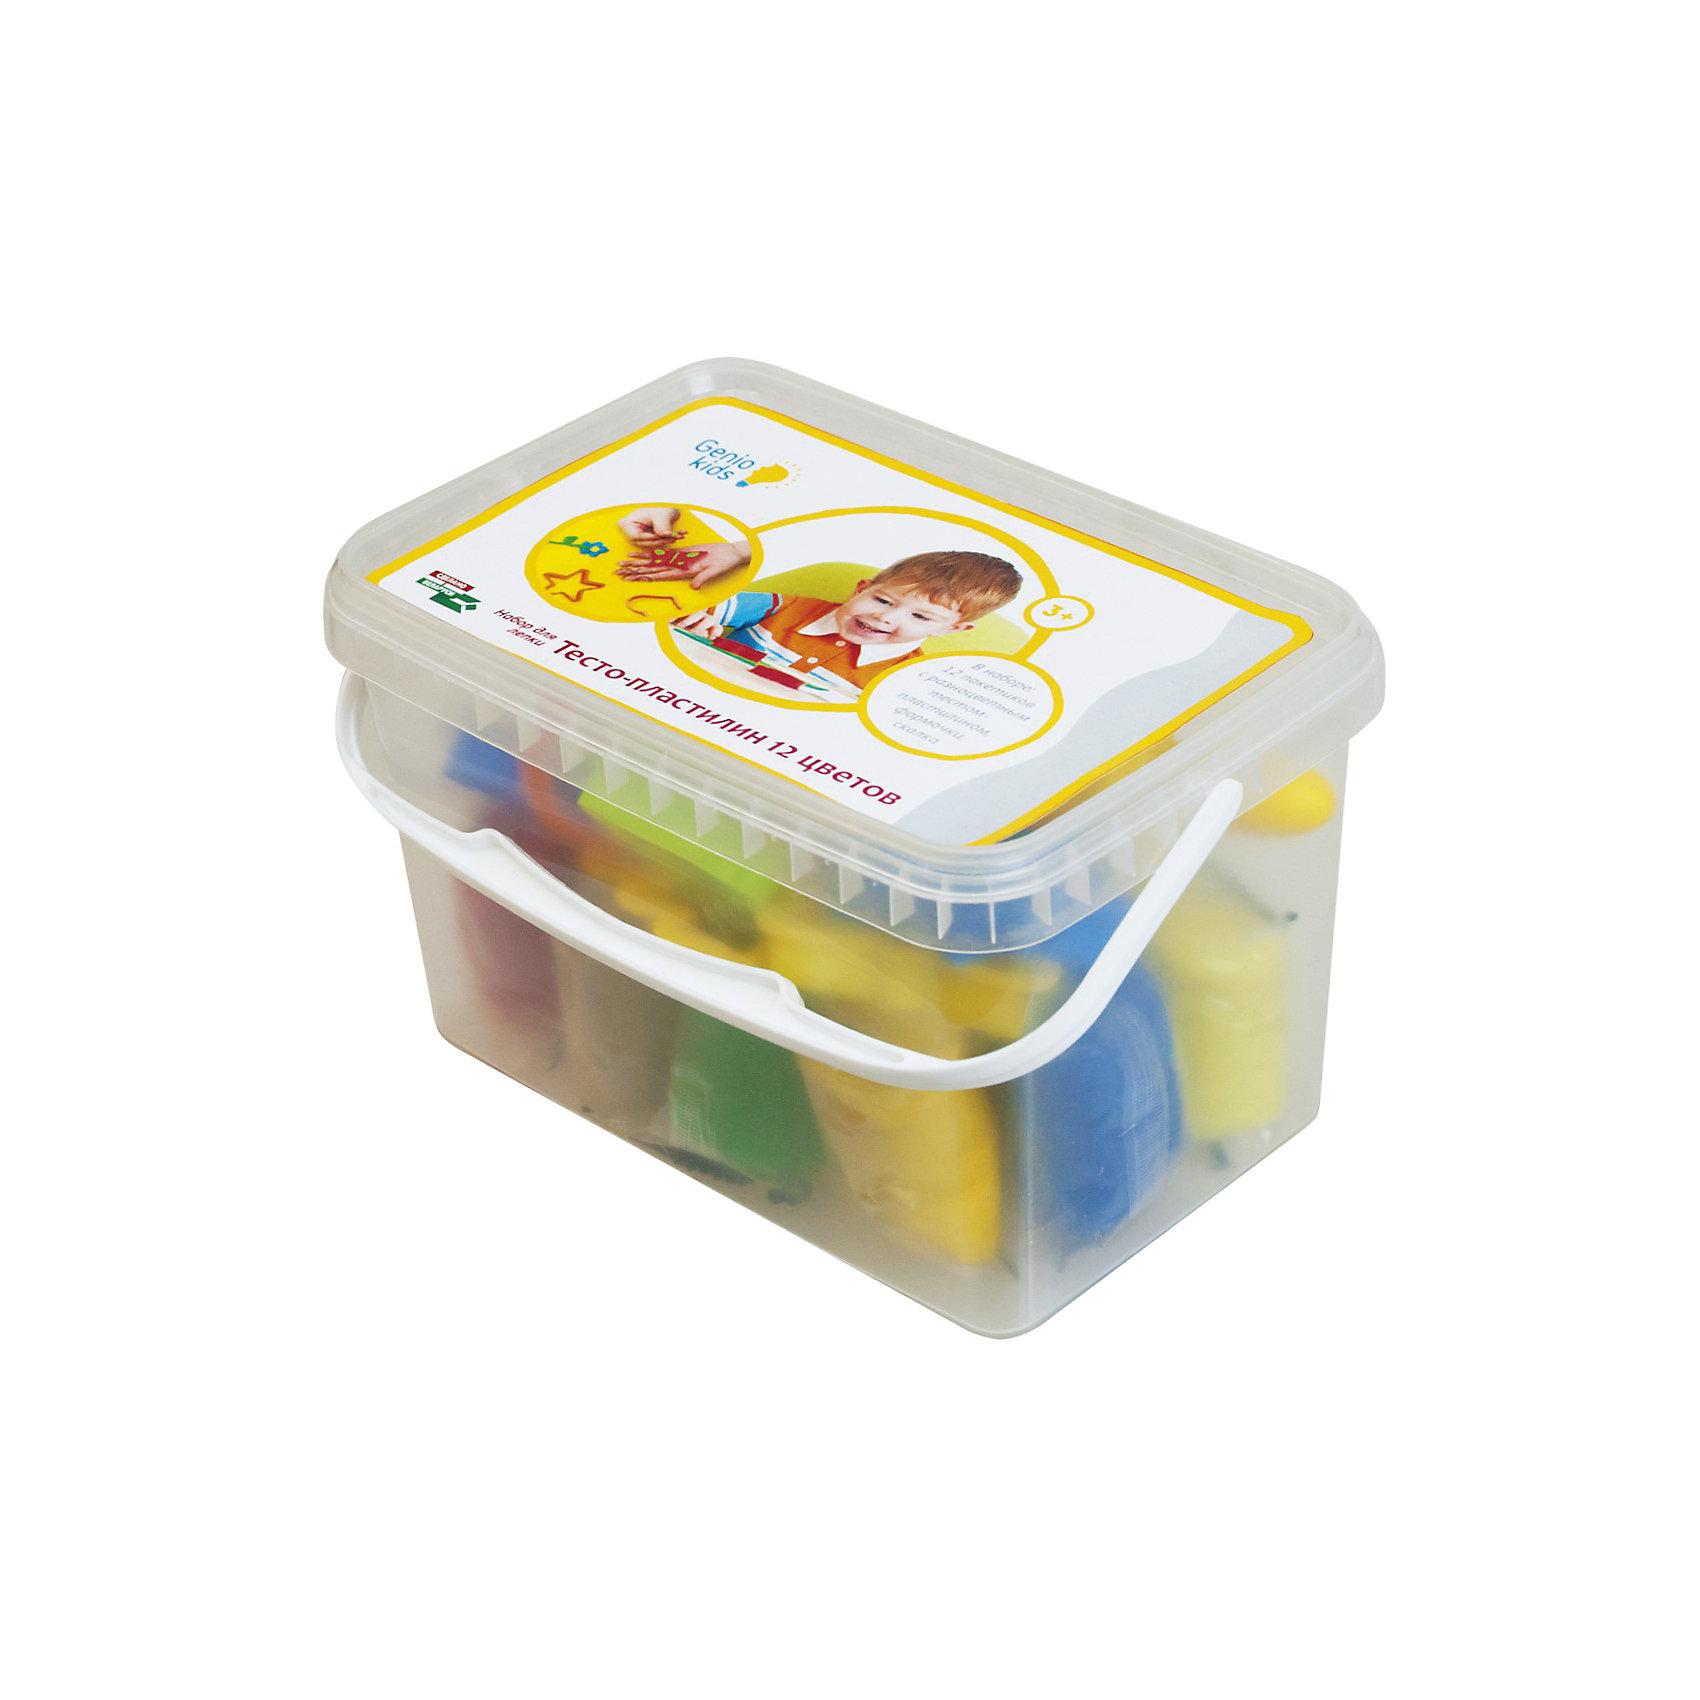 Набор для детской лепки Тесто-пластилин 12 цветовЛепка<br>Характеристики товара:<br><br>• упаковка: пластиковая коробка<br>• комплектация: разноцветное тесто-пластилин, формочки – 6 шт., скалка <br>• материал: пшеничная мука<br>• цветов: 12<br>• вес одного пакета с пластилином: 50 г<br>• возраст: от трех лет<br>• развивающая<br>• страна бренда: Беларусь<br>• страна производства: Беларусь<br><br>Лепка из пластилина - отличный способ занять ребенка. Это не только занимательно, но и очень полезно! С помощью такого набора для творчества ребенок сможет научиться делать различные фигурки с помощью формочек, а дальше - делать более сложные предметы. Тесто-пластилин - это натуральный и безопасный маетриал из пшеничной муки. В комплекте - пластилин двенадцати самых популярных у детей расцветок.<br>Такое занятие помогает детям развивать многие важные навыки и способности: они тренируют внимание, память, логику, мышление, мелкую моторику, а также усидчивость и аккуратность. Изделие производится из качественных сертифицированных материалов, безопасных даже для самых маленьких.<br><br>Набор для детской лепки Тесто-пластилин 12 цветов от бренда Genio Kids можно купить в нашем интернет-магазине.<br><br>Ширина мм: 200<br>Глубина мм: 135<br>Высота мм: 120<br>Вес г: 695<br>Возраст от месяцев: 36<br>Возраст до месяцев: 108<br>Пол: Унисекс<br>Возраст: Детский<br>SKU: 5018307